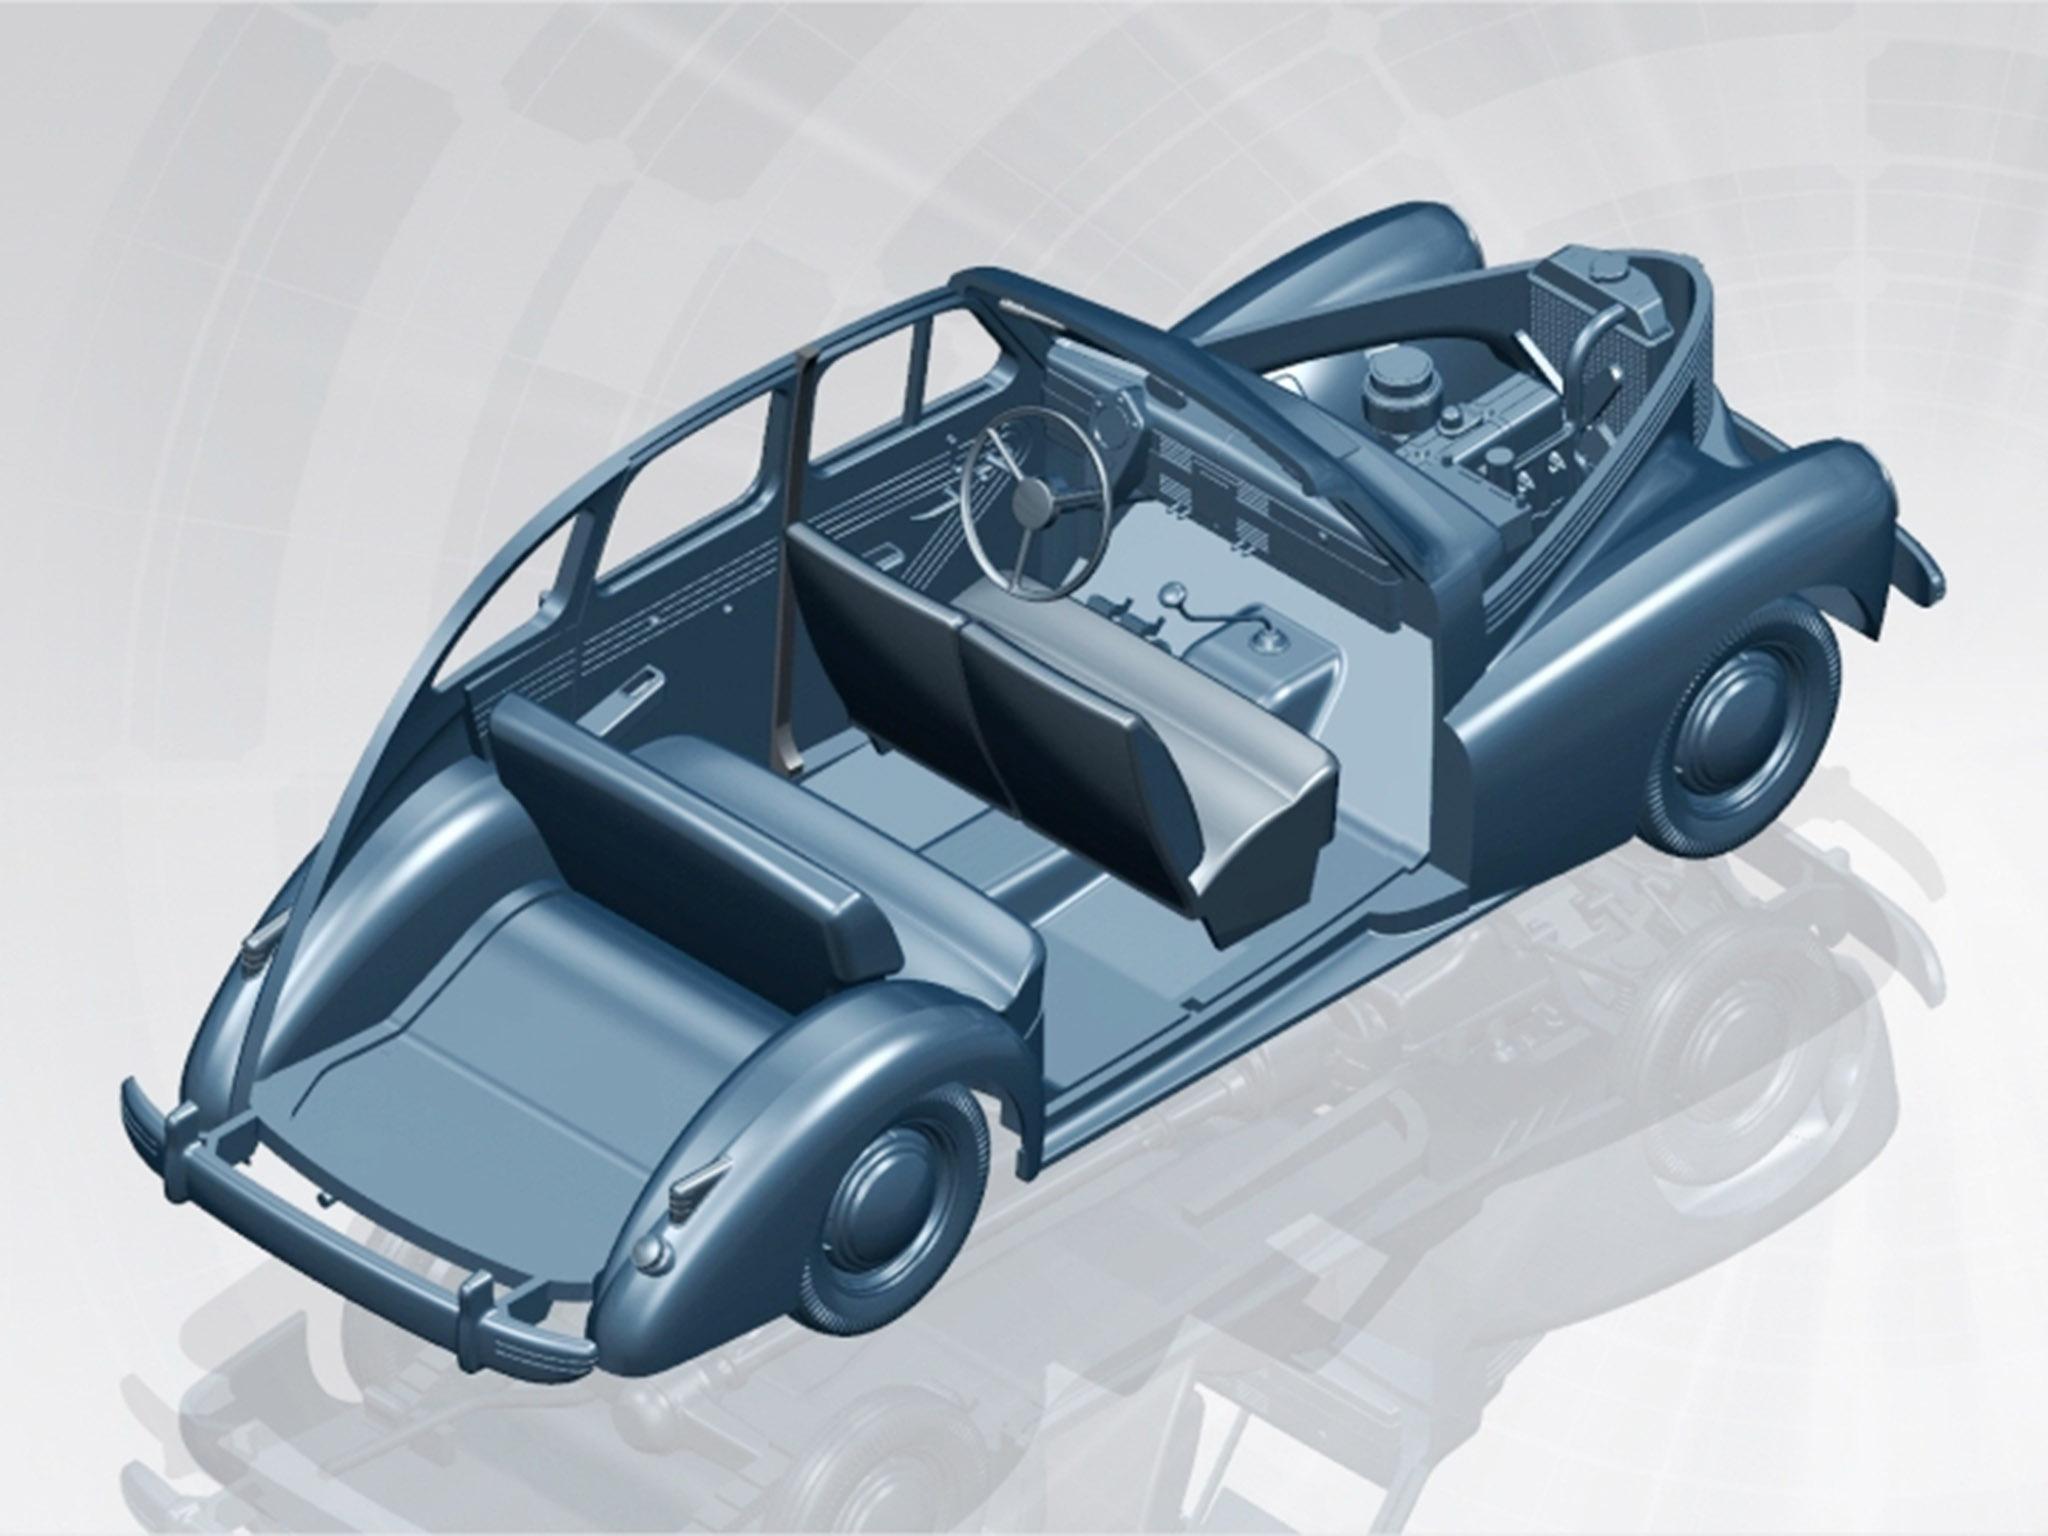 1336116931_opel-kapitan-1-35-sedan-4